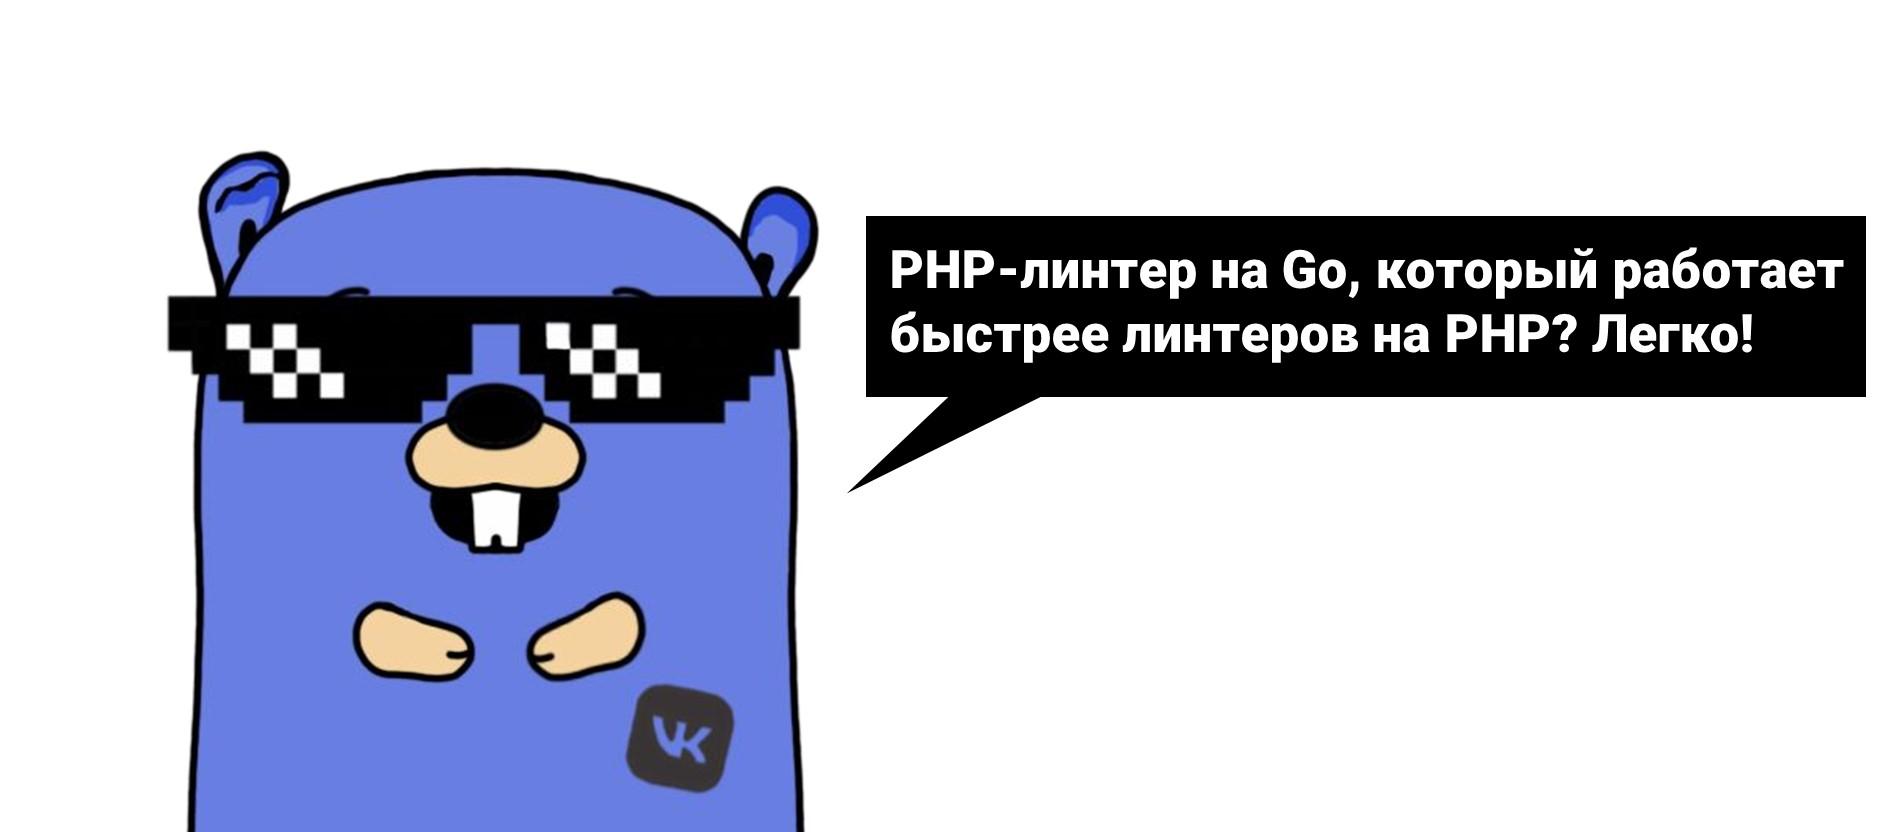 NoVerify: PHP-линтер, который работает быстро